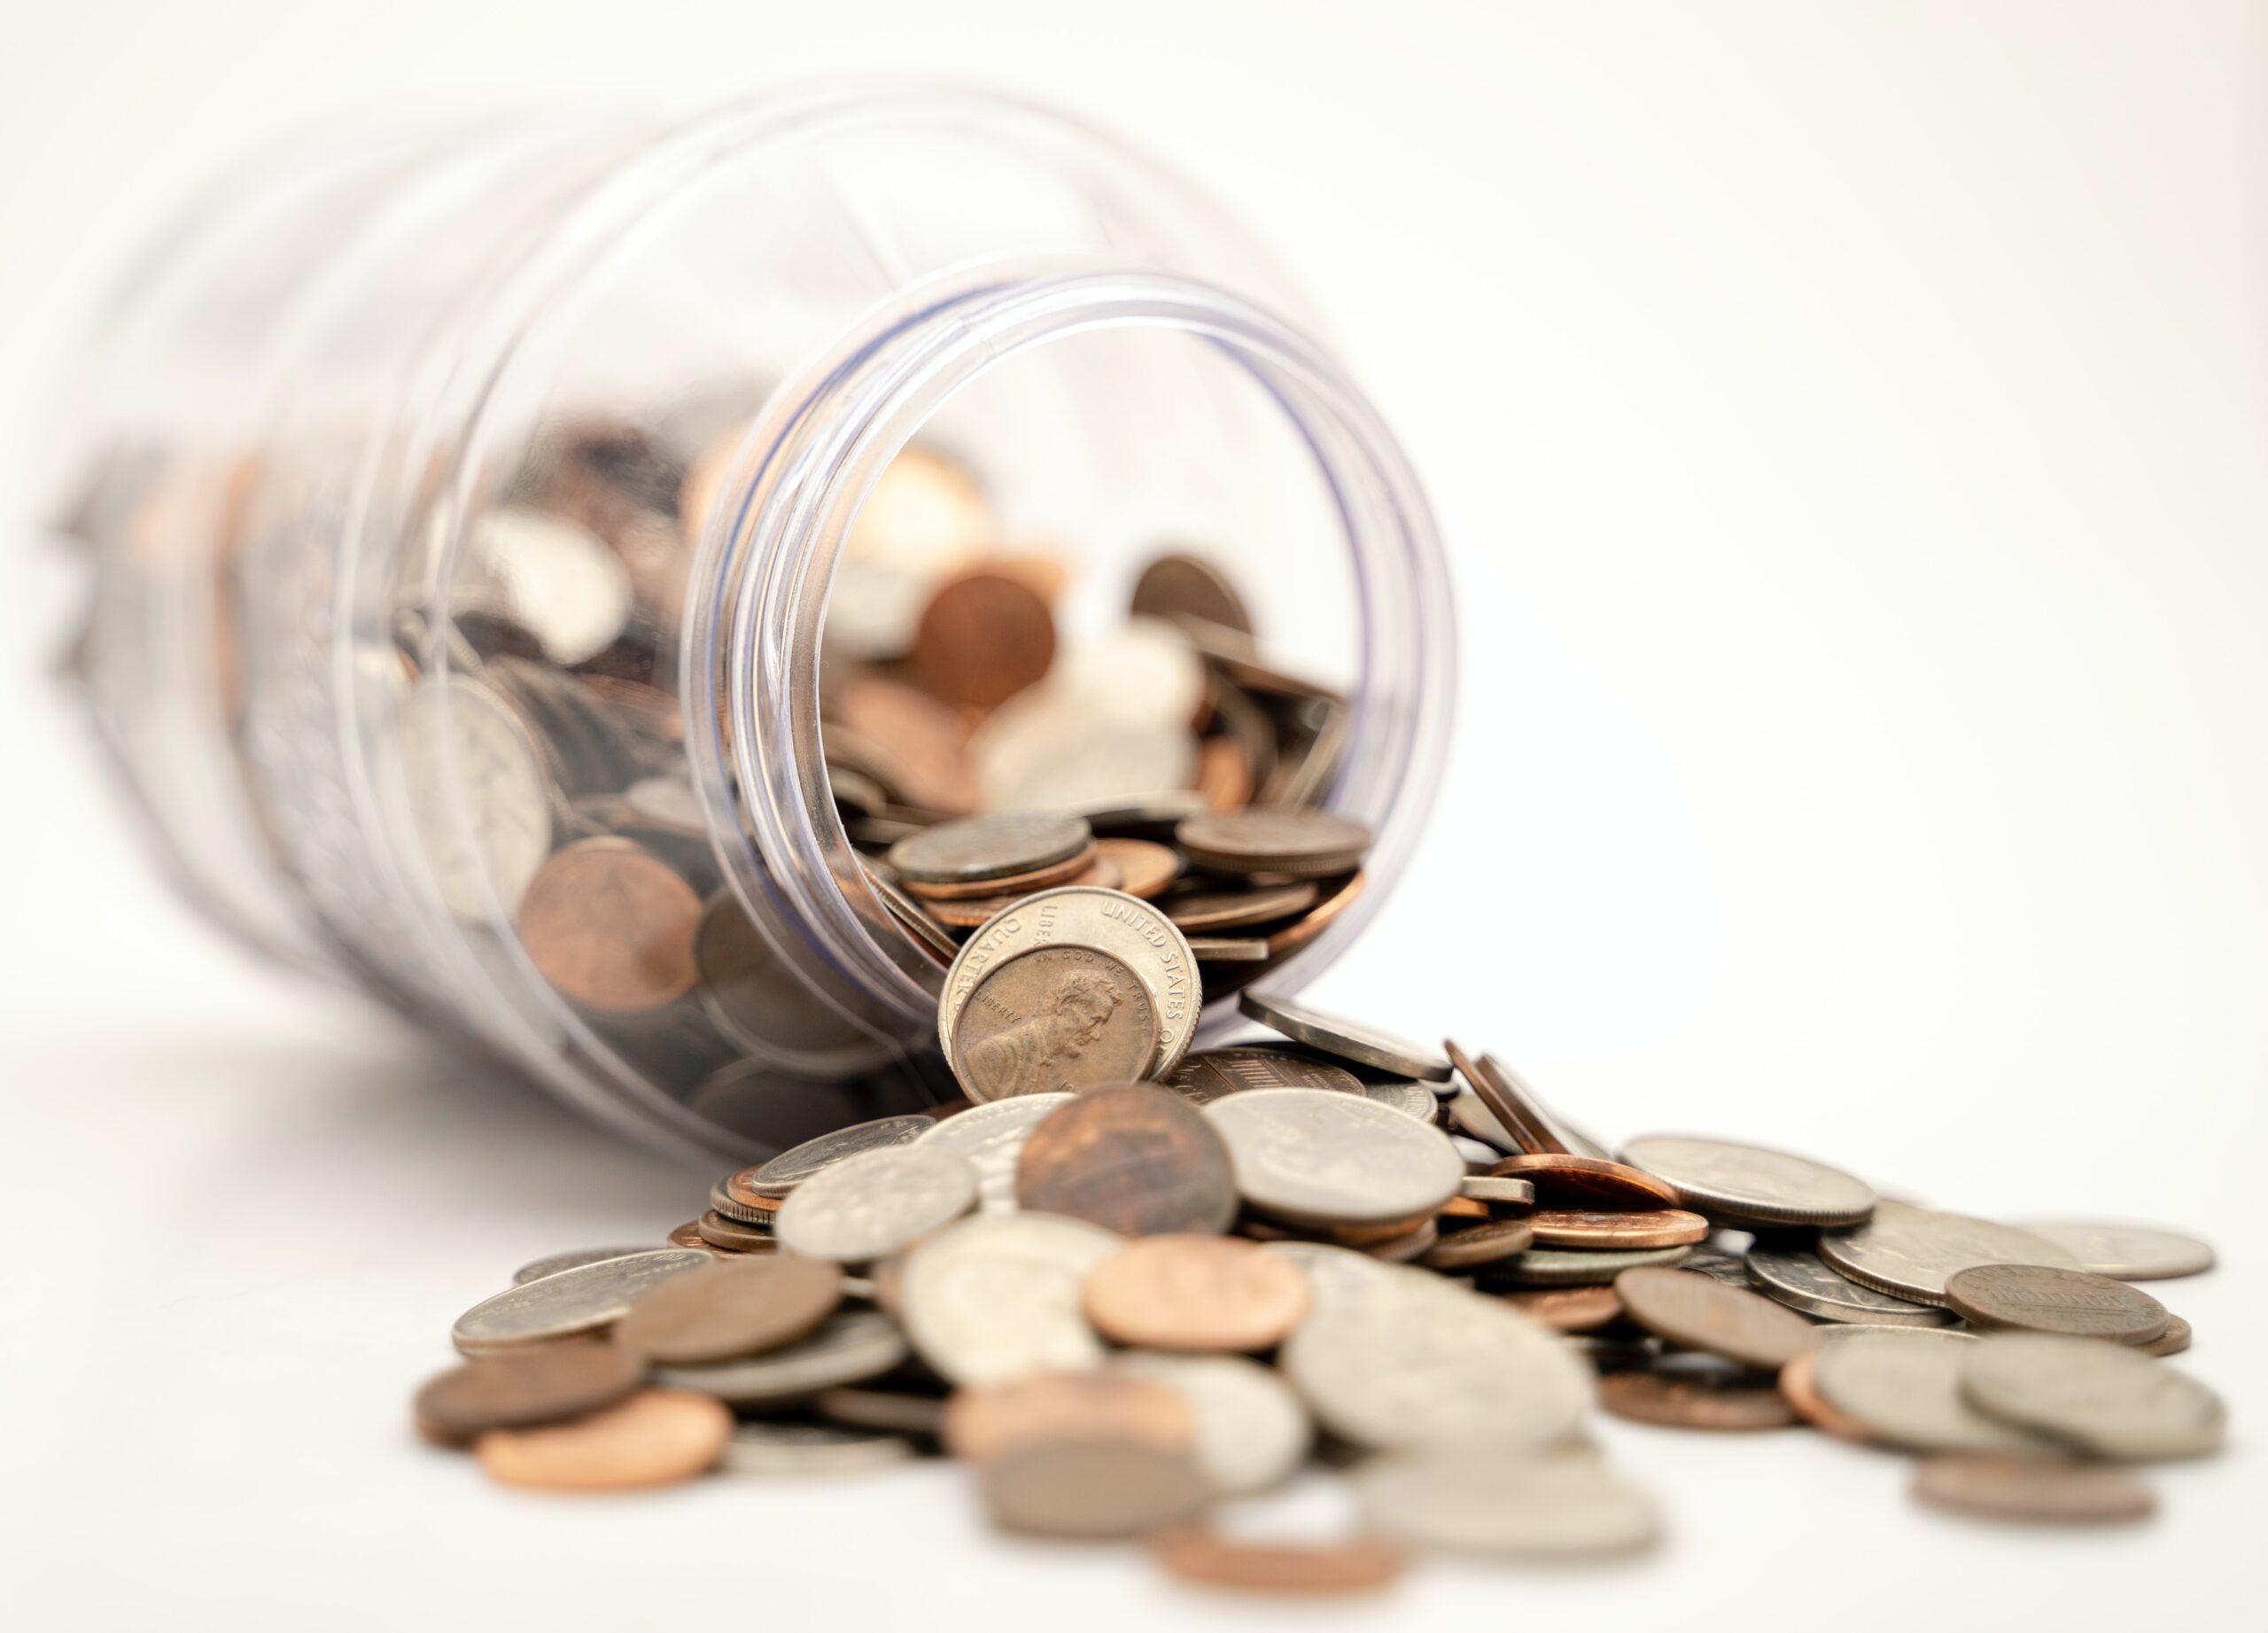 転職すると年収が下がることで貯金も減少